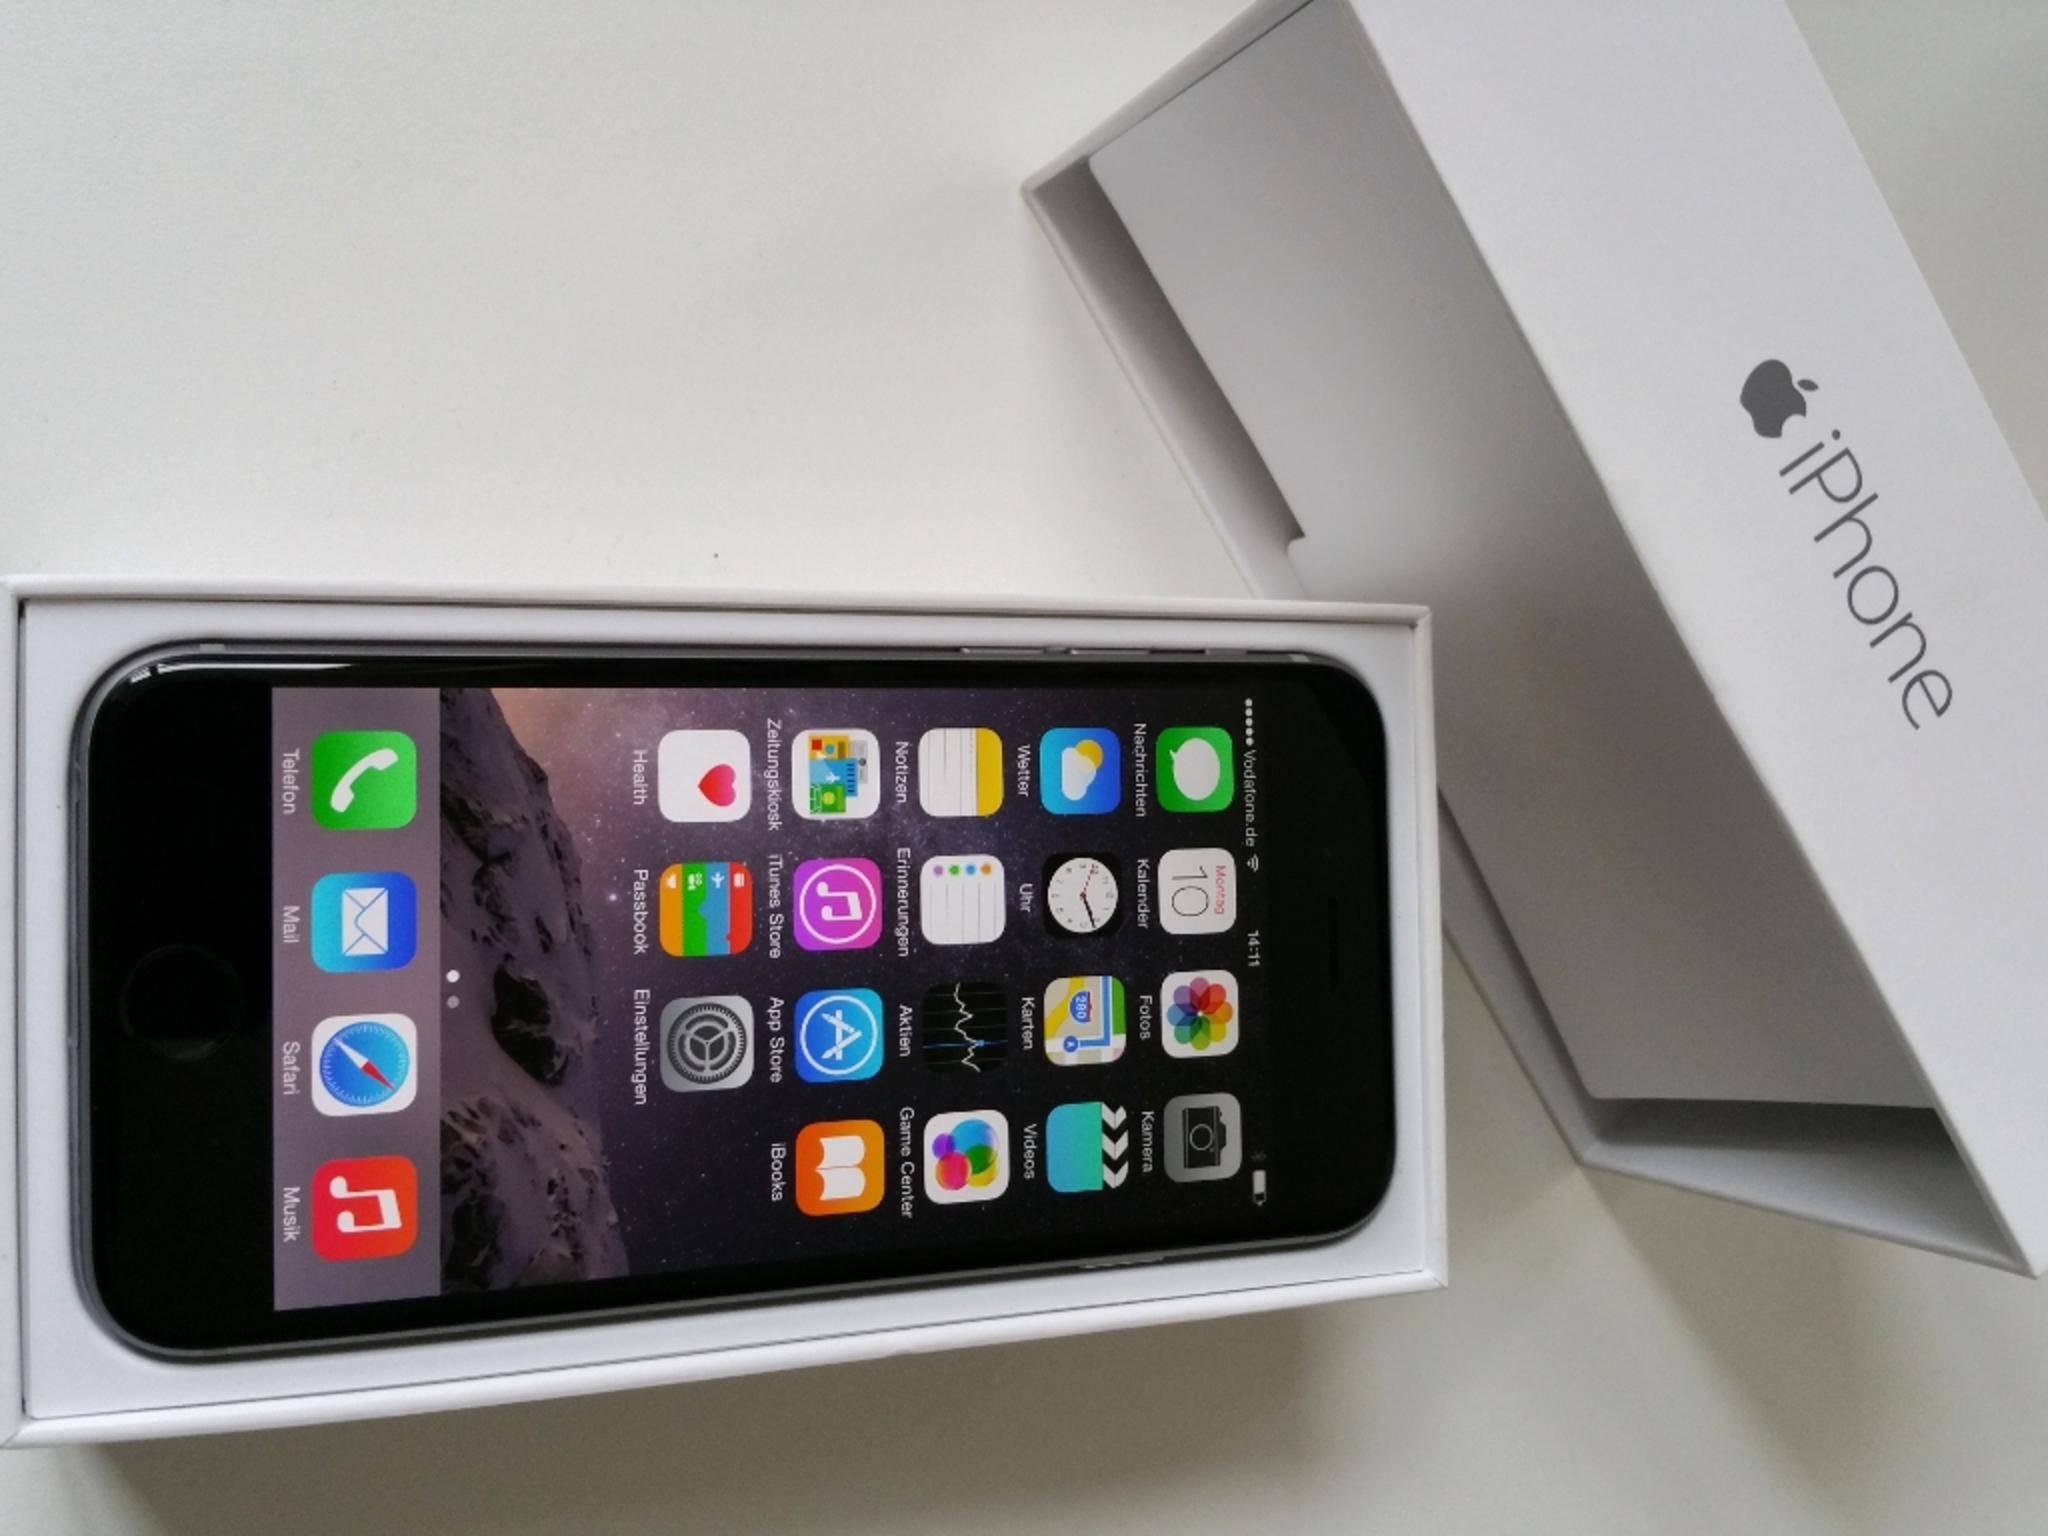 Ein iPhone 6 mit 64 GB kostet in den USA 300 Dollar.